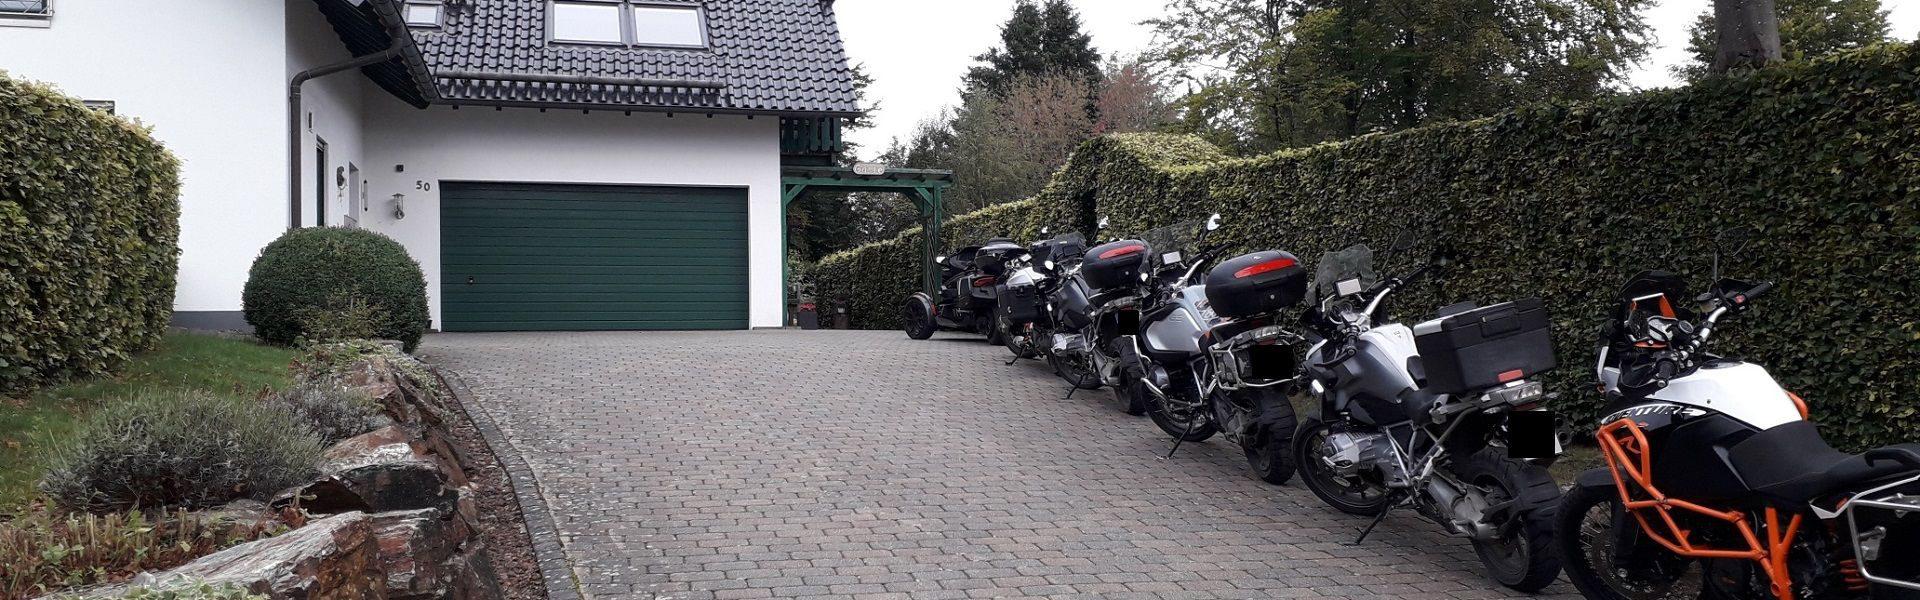 Gästehaus mit Motorrädern